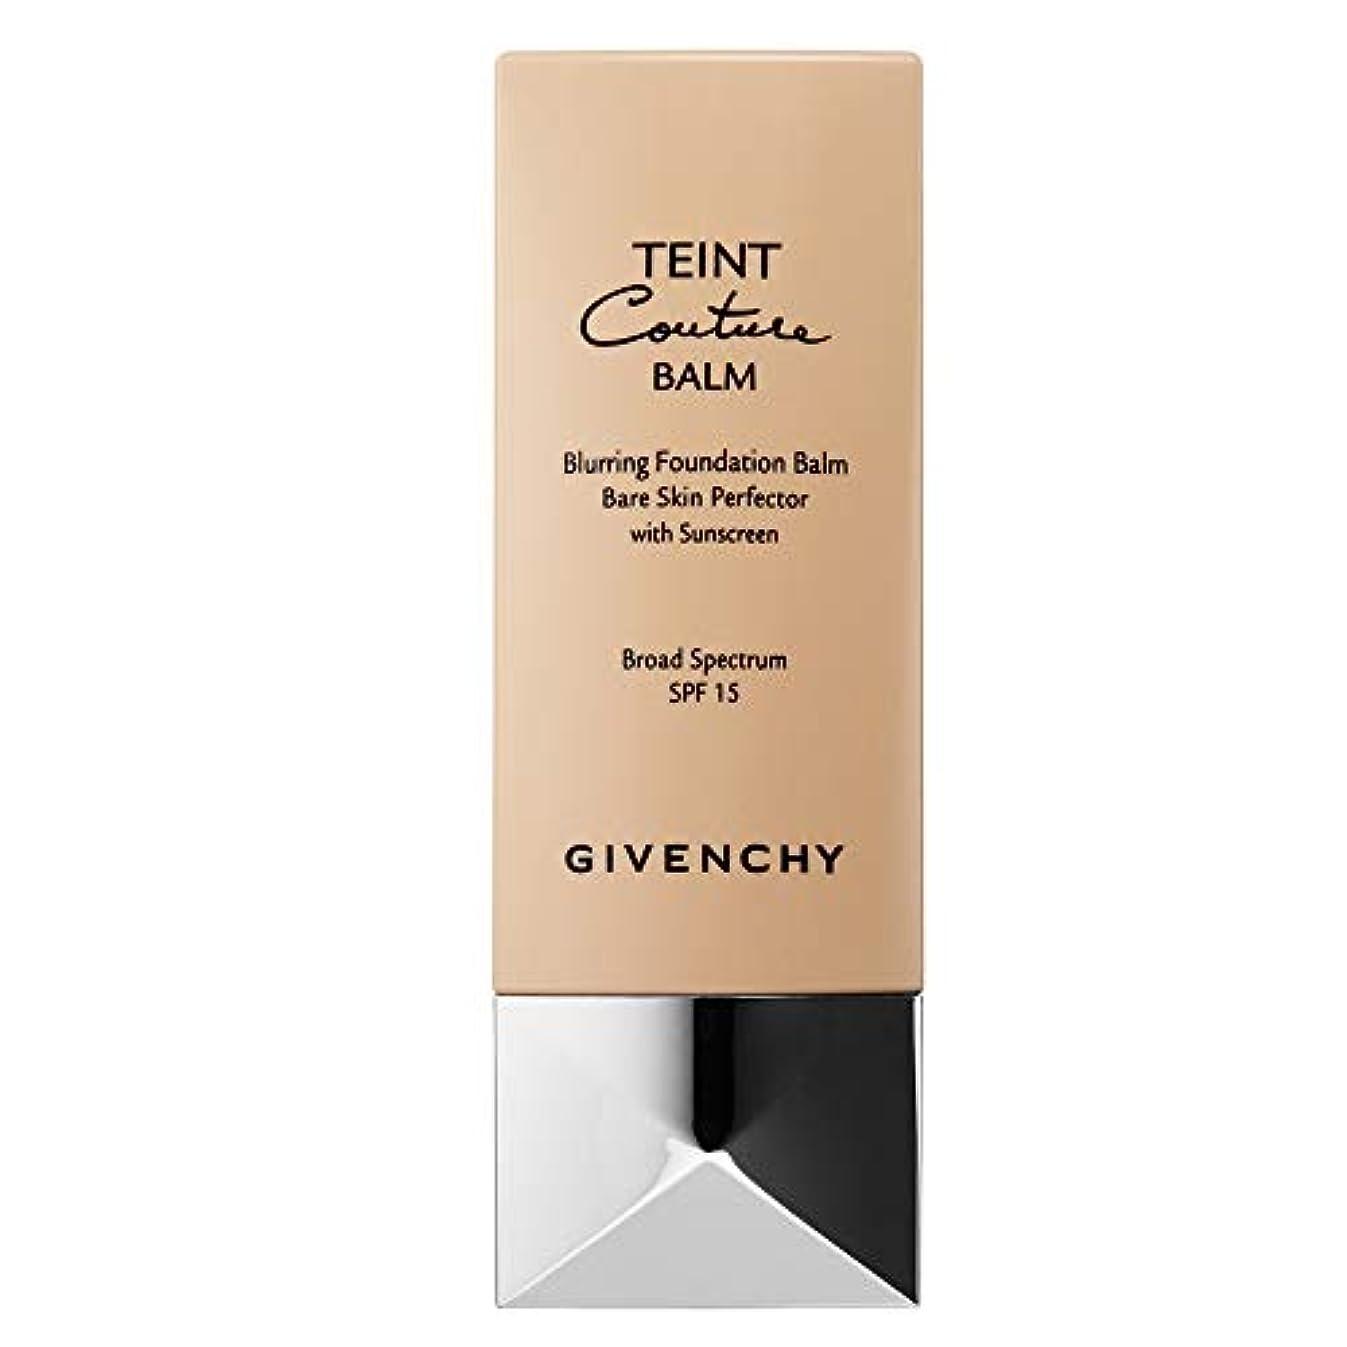 プランター毎月私ジバンシィ Teint Couture Blurring Foundation Balm SPF 15 - # 1 Nude Porcelain 30ml/1oz並行輸入品